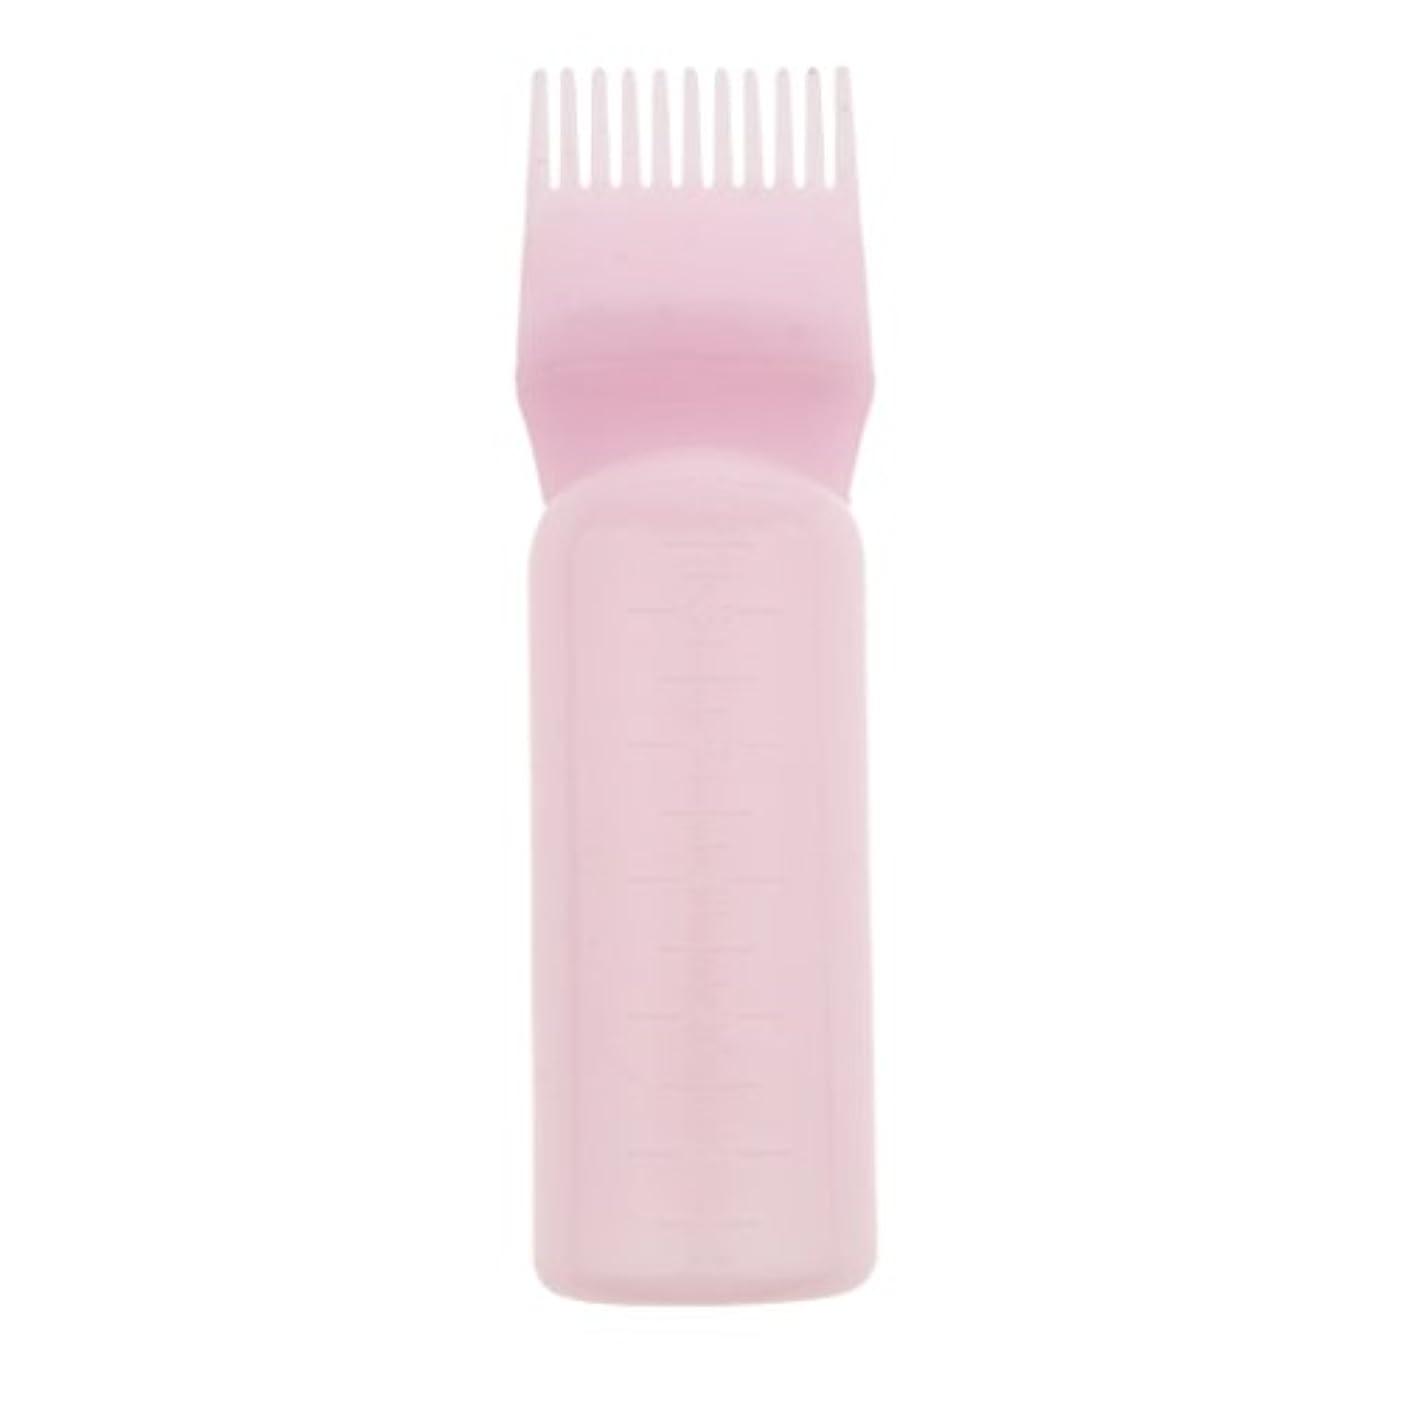 豊かな光沢のある迷路髪染め ヘアカラー ヘアダイ ボトル ディスペンサーブラシ ヘアサロン 2タイプ選べる - ピンク